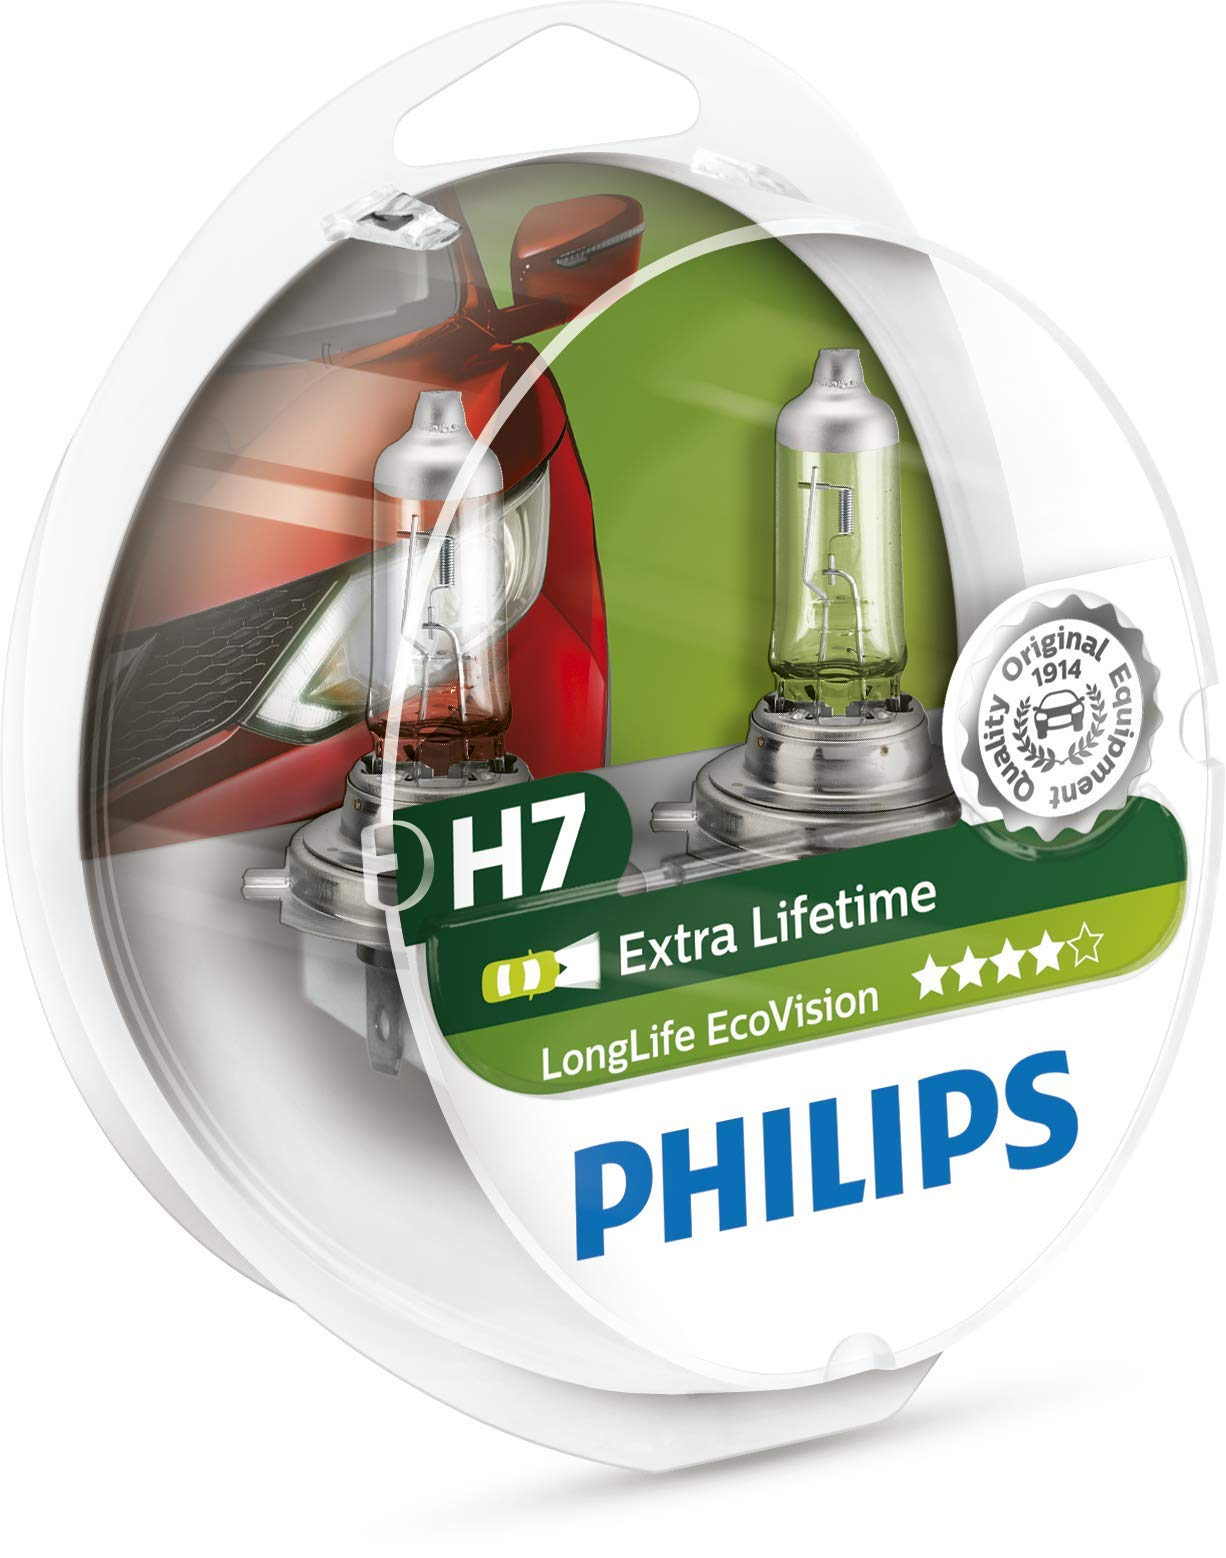 Philips 12972LLECOS2 LongLife EcoVision - Bombillas para faros delanteros (H7, 2 unidades) product